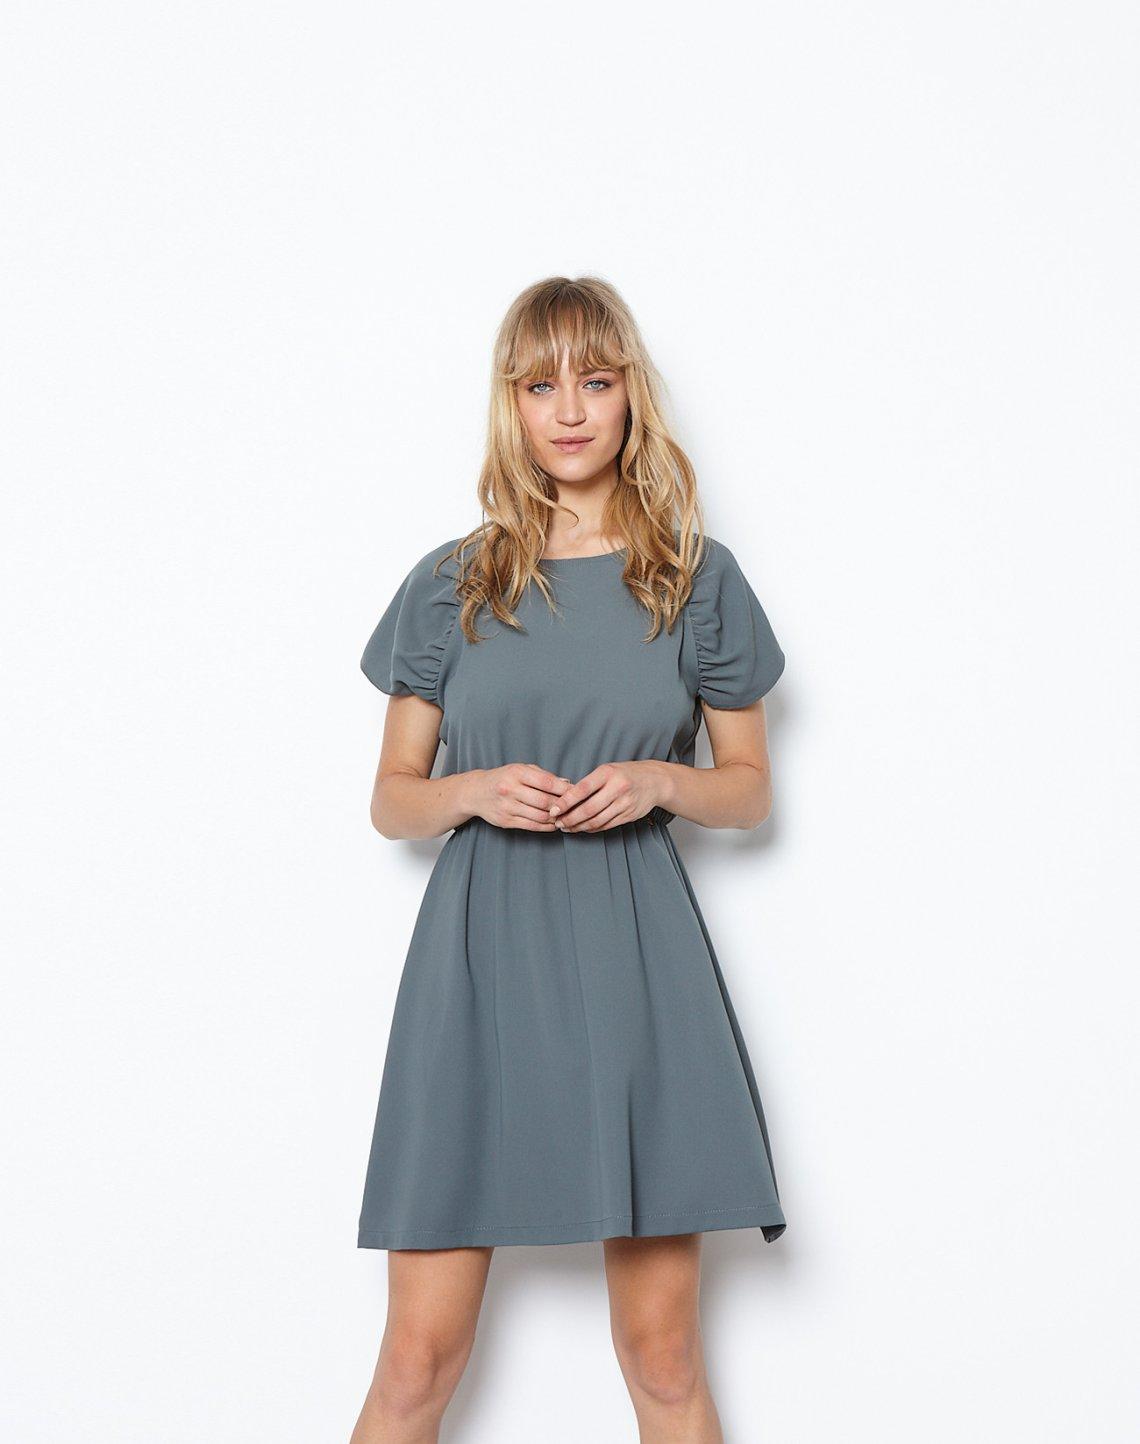 Μίνι φόρεμα με κουμπιά